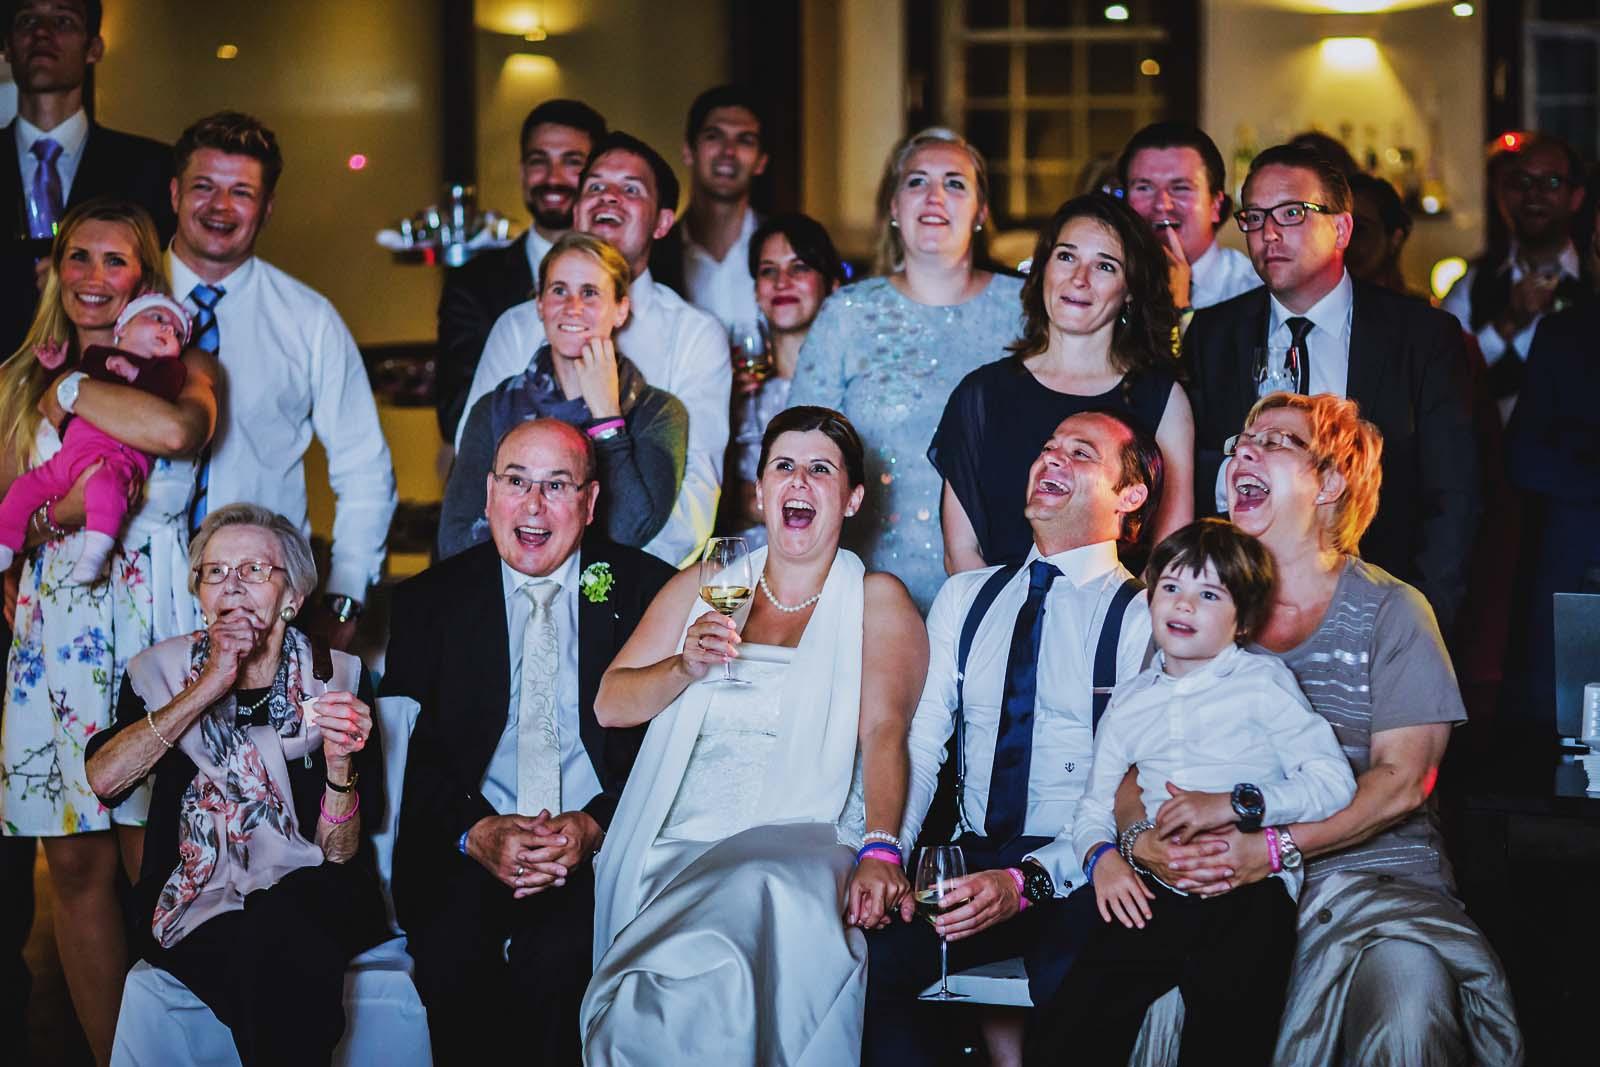 Brautpaar hat Spass auf dem Foto der Hochzeitsreportage Copyright by Hochzeitsfotograf www.berliner-hochzeitsfotografie.de